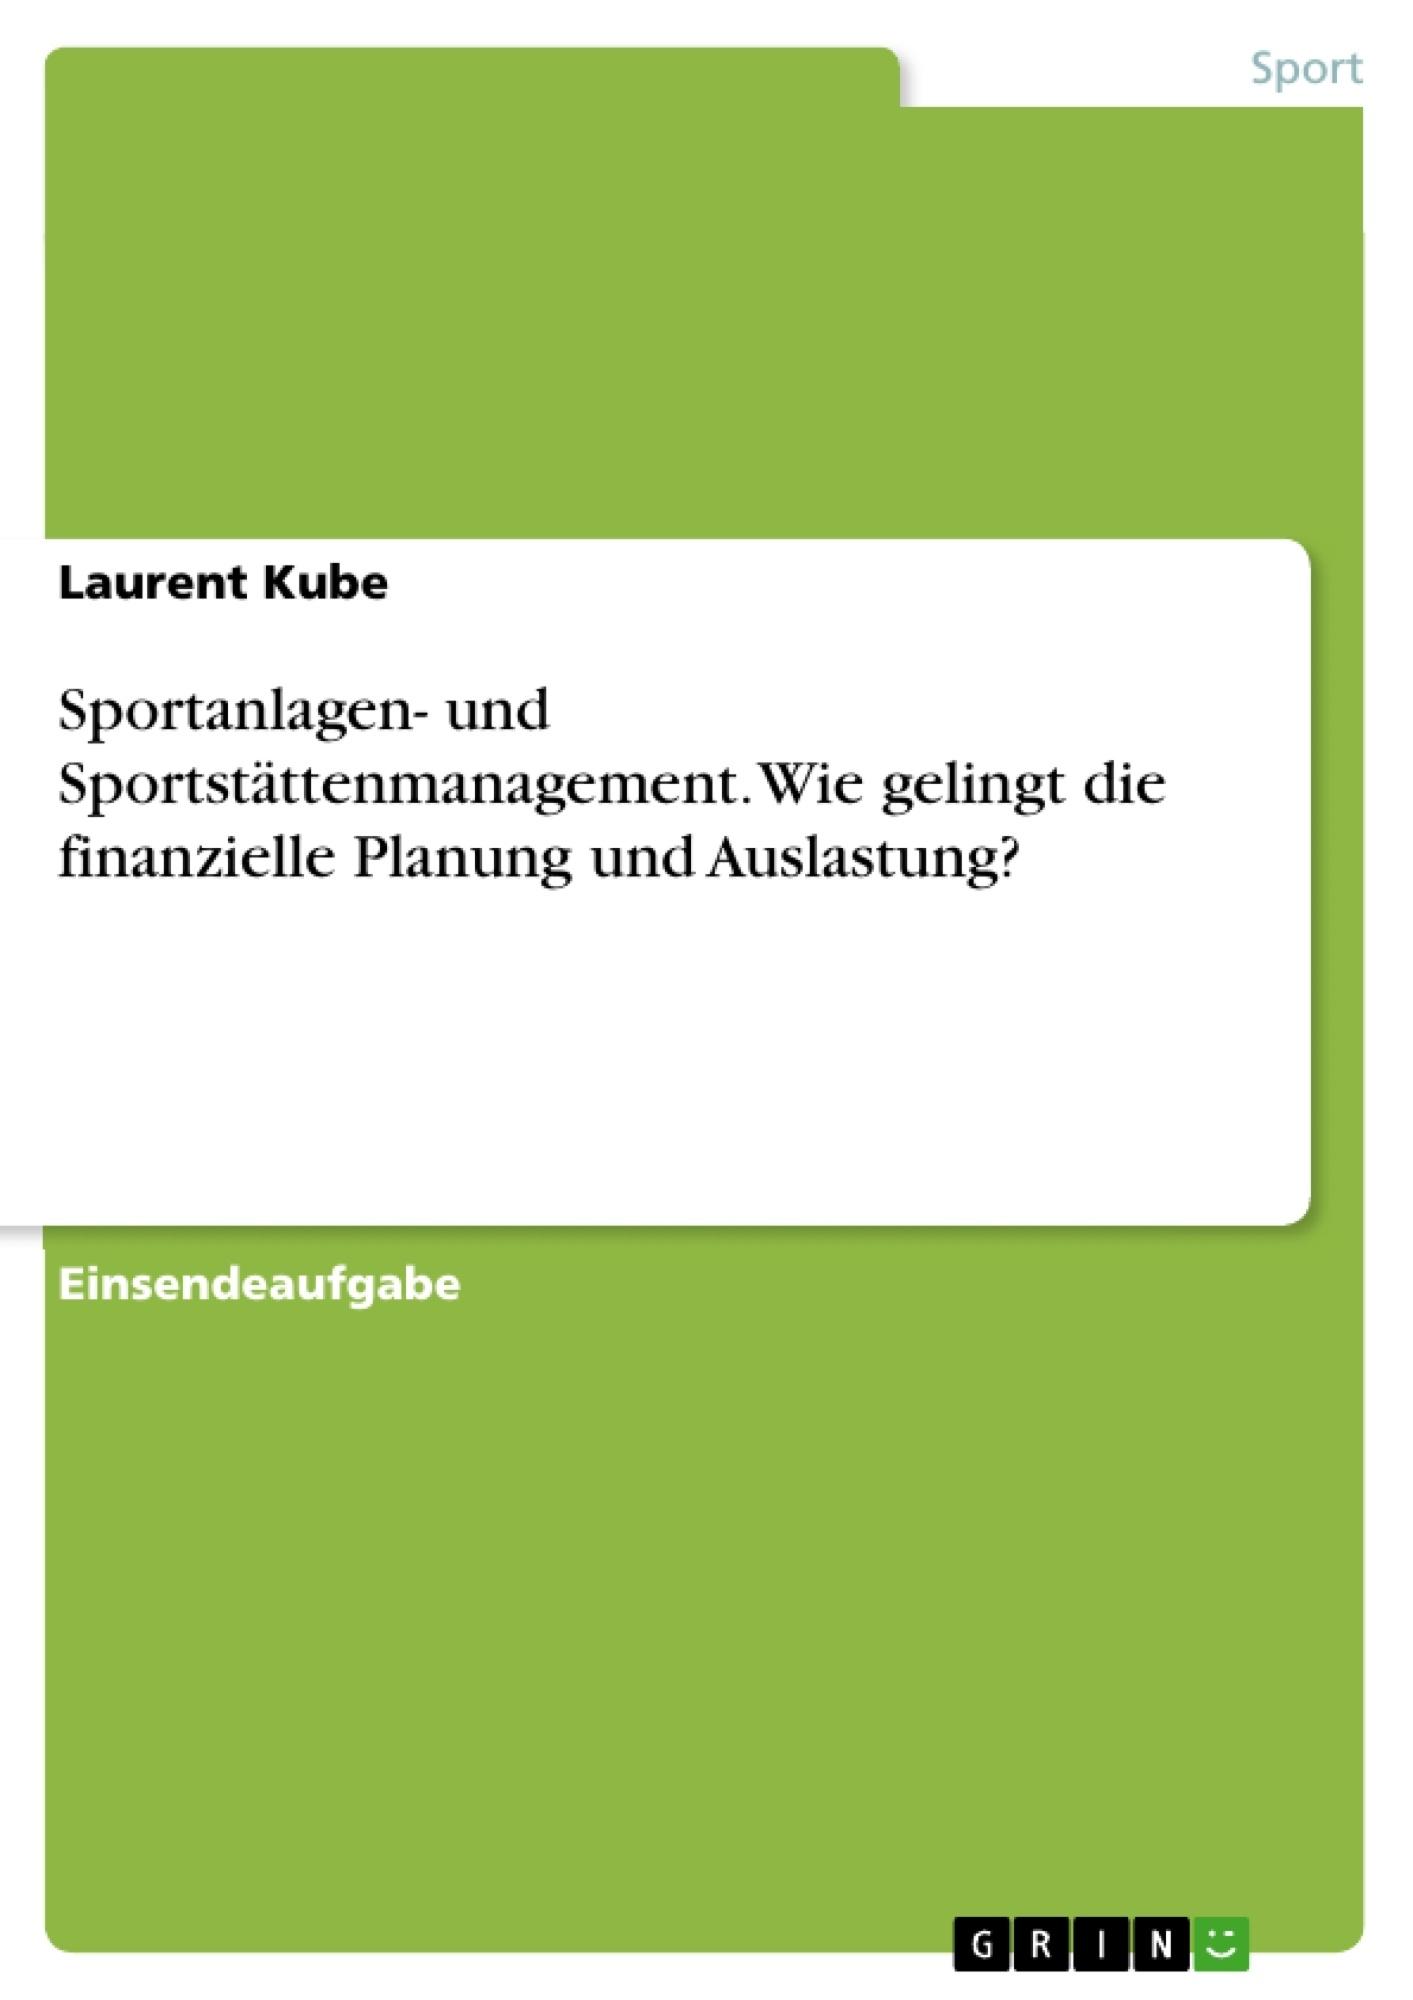 Titel: Sportanlagen- und Sportstättenmanagement. Wie gelingt die finanzielle Planung und Auslastung?